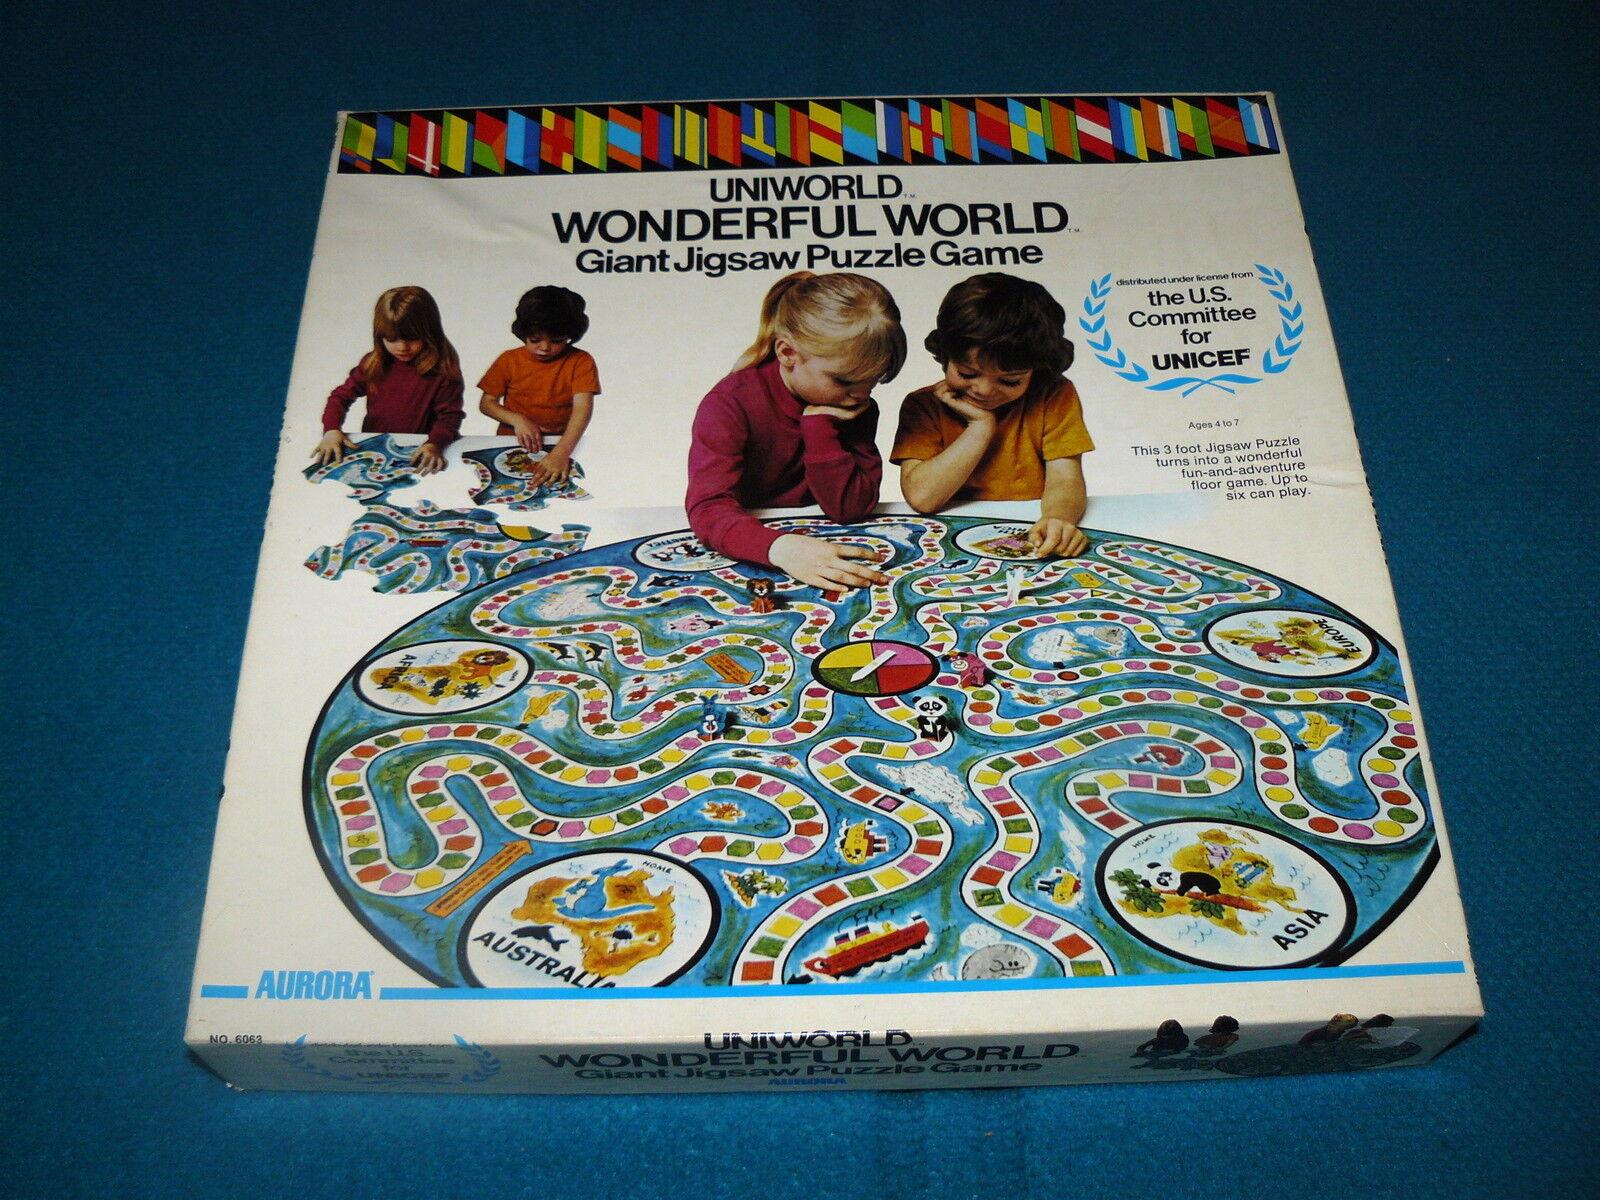 Unicef   UNIWORLD - WONDERFUL WORLD  Giant Jigsaw Puzzle  GAME @ Aurora 1973